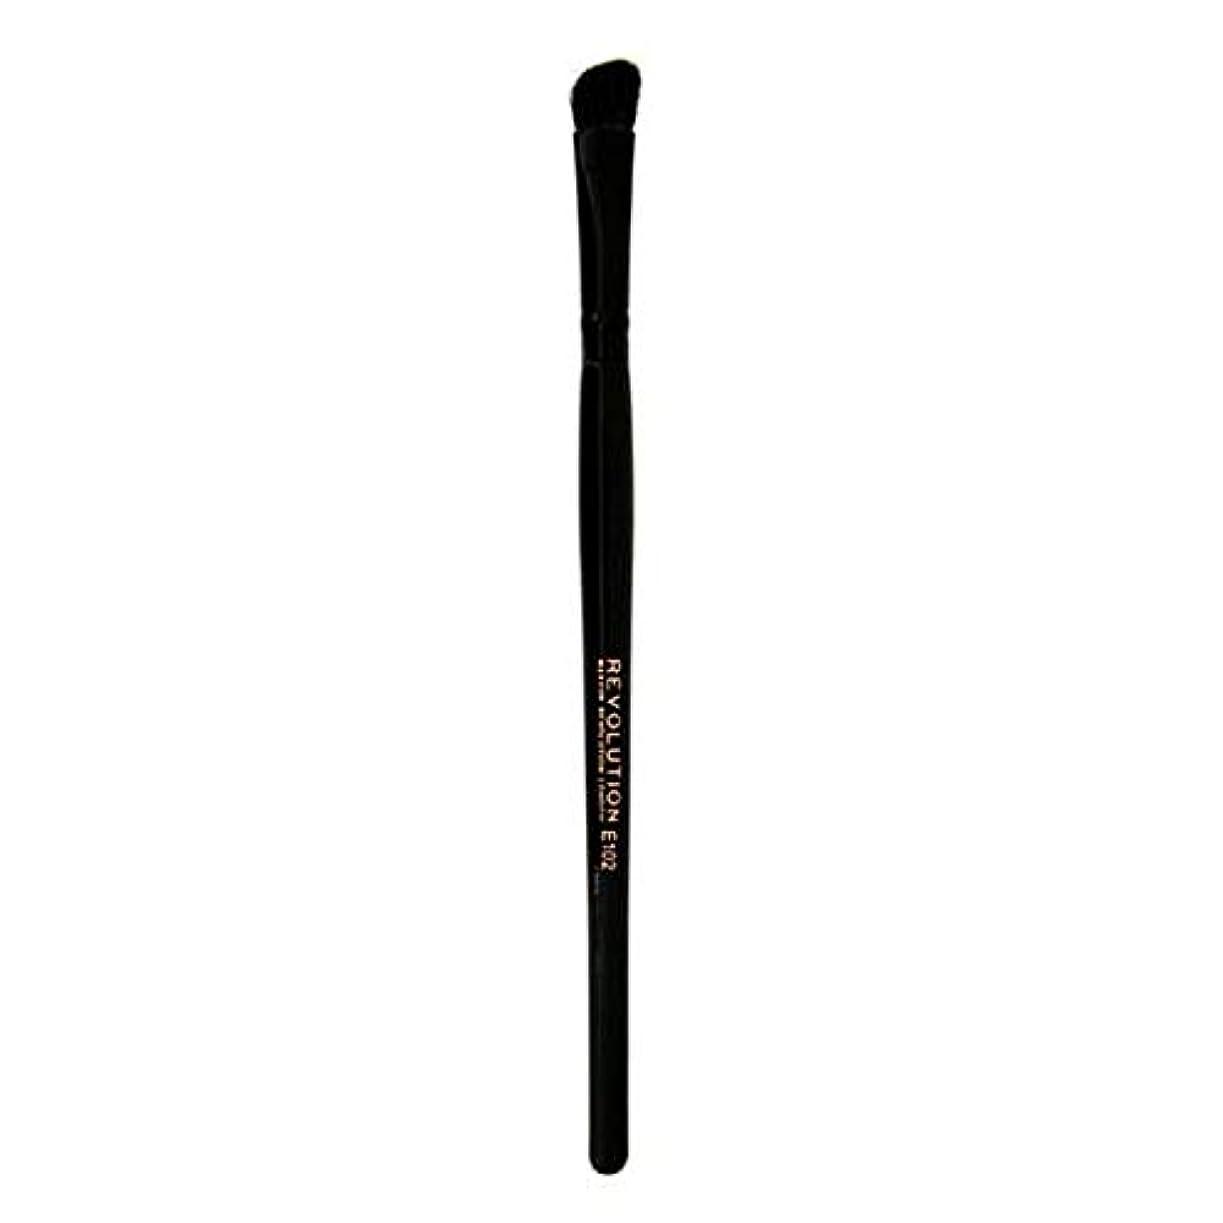 実装する国籍器具[Revolution ] 革命プロE102アイシャドウの輪郭メイクブラシ - Revolution Pro E102 Eyeshadow Contour Makeup Brush [並行輸入品]